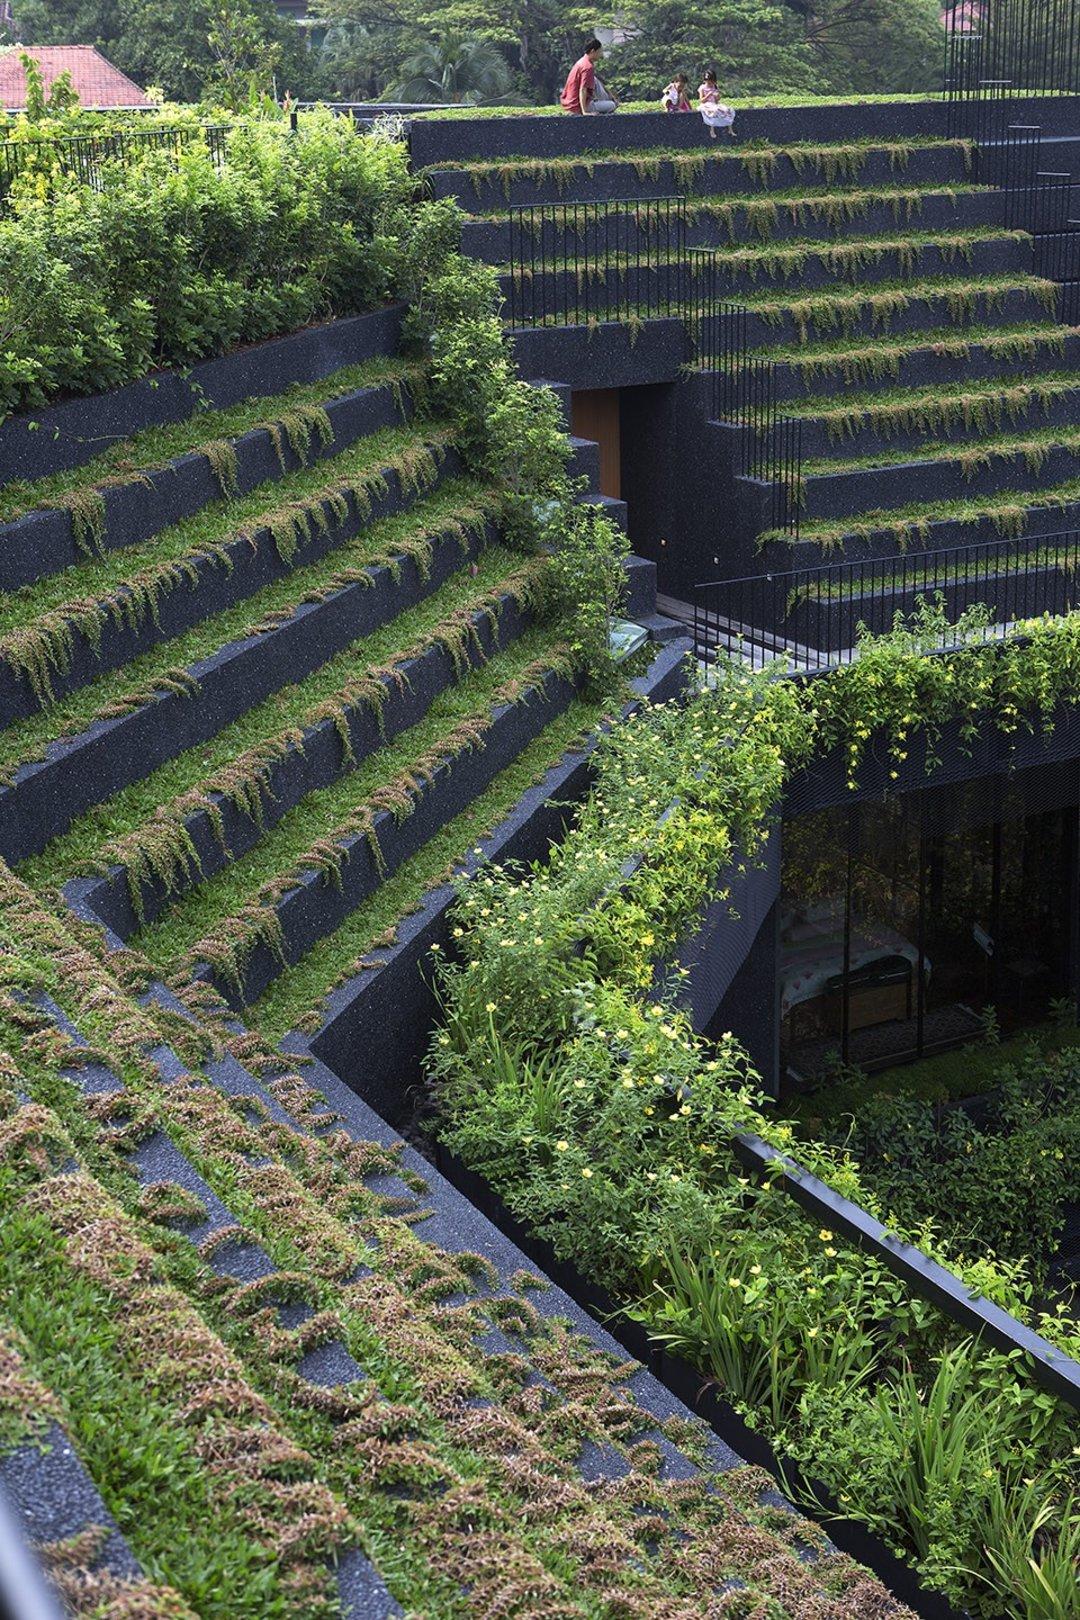 新加坡这座植物园一般的豪宅,想就这样代代相传下去_设计_好奇心日报